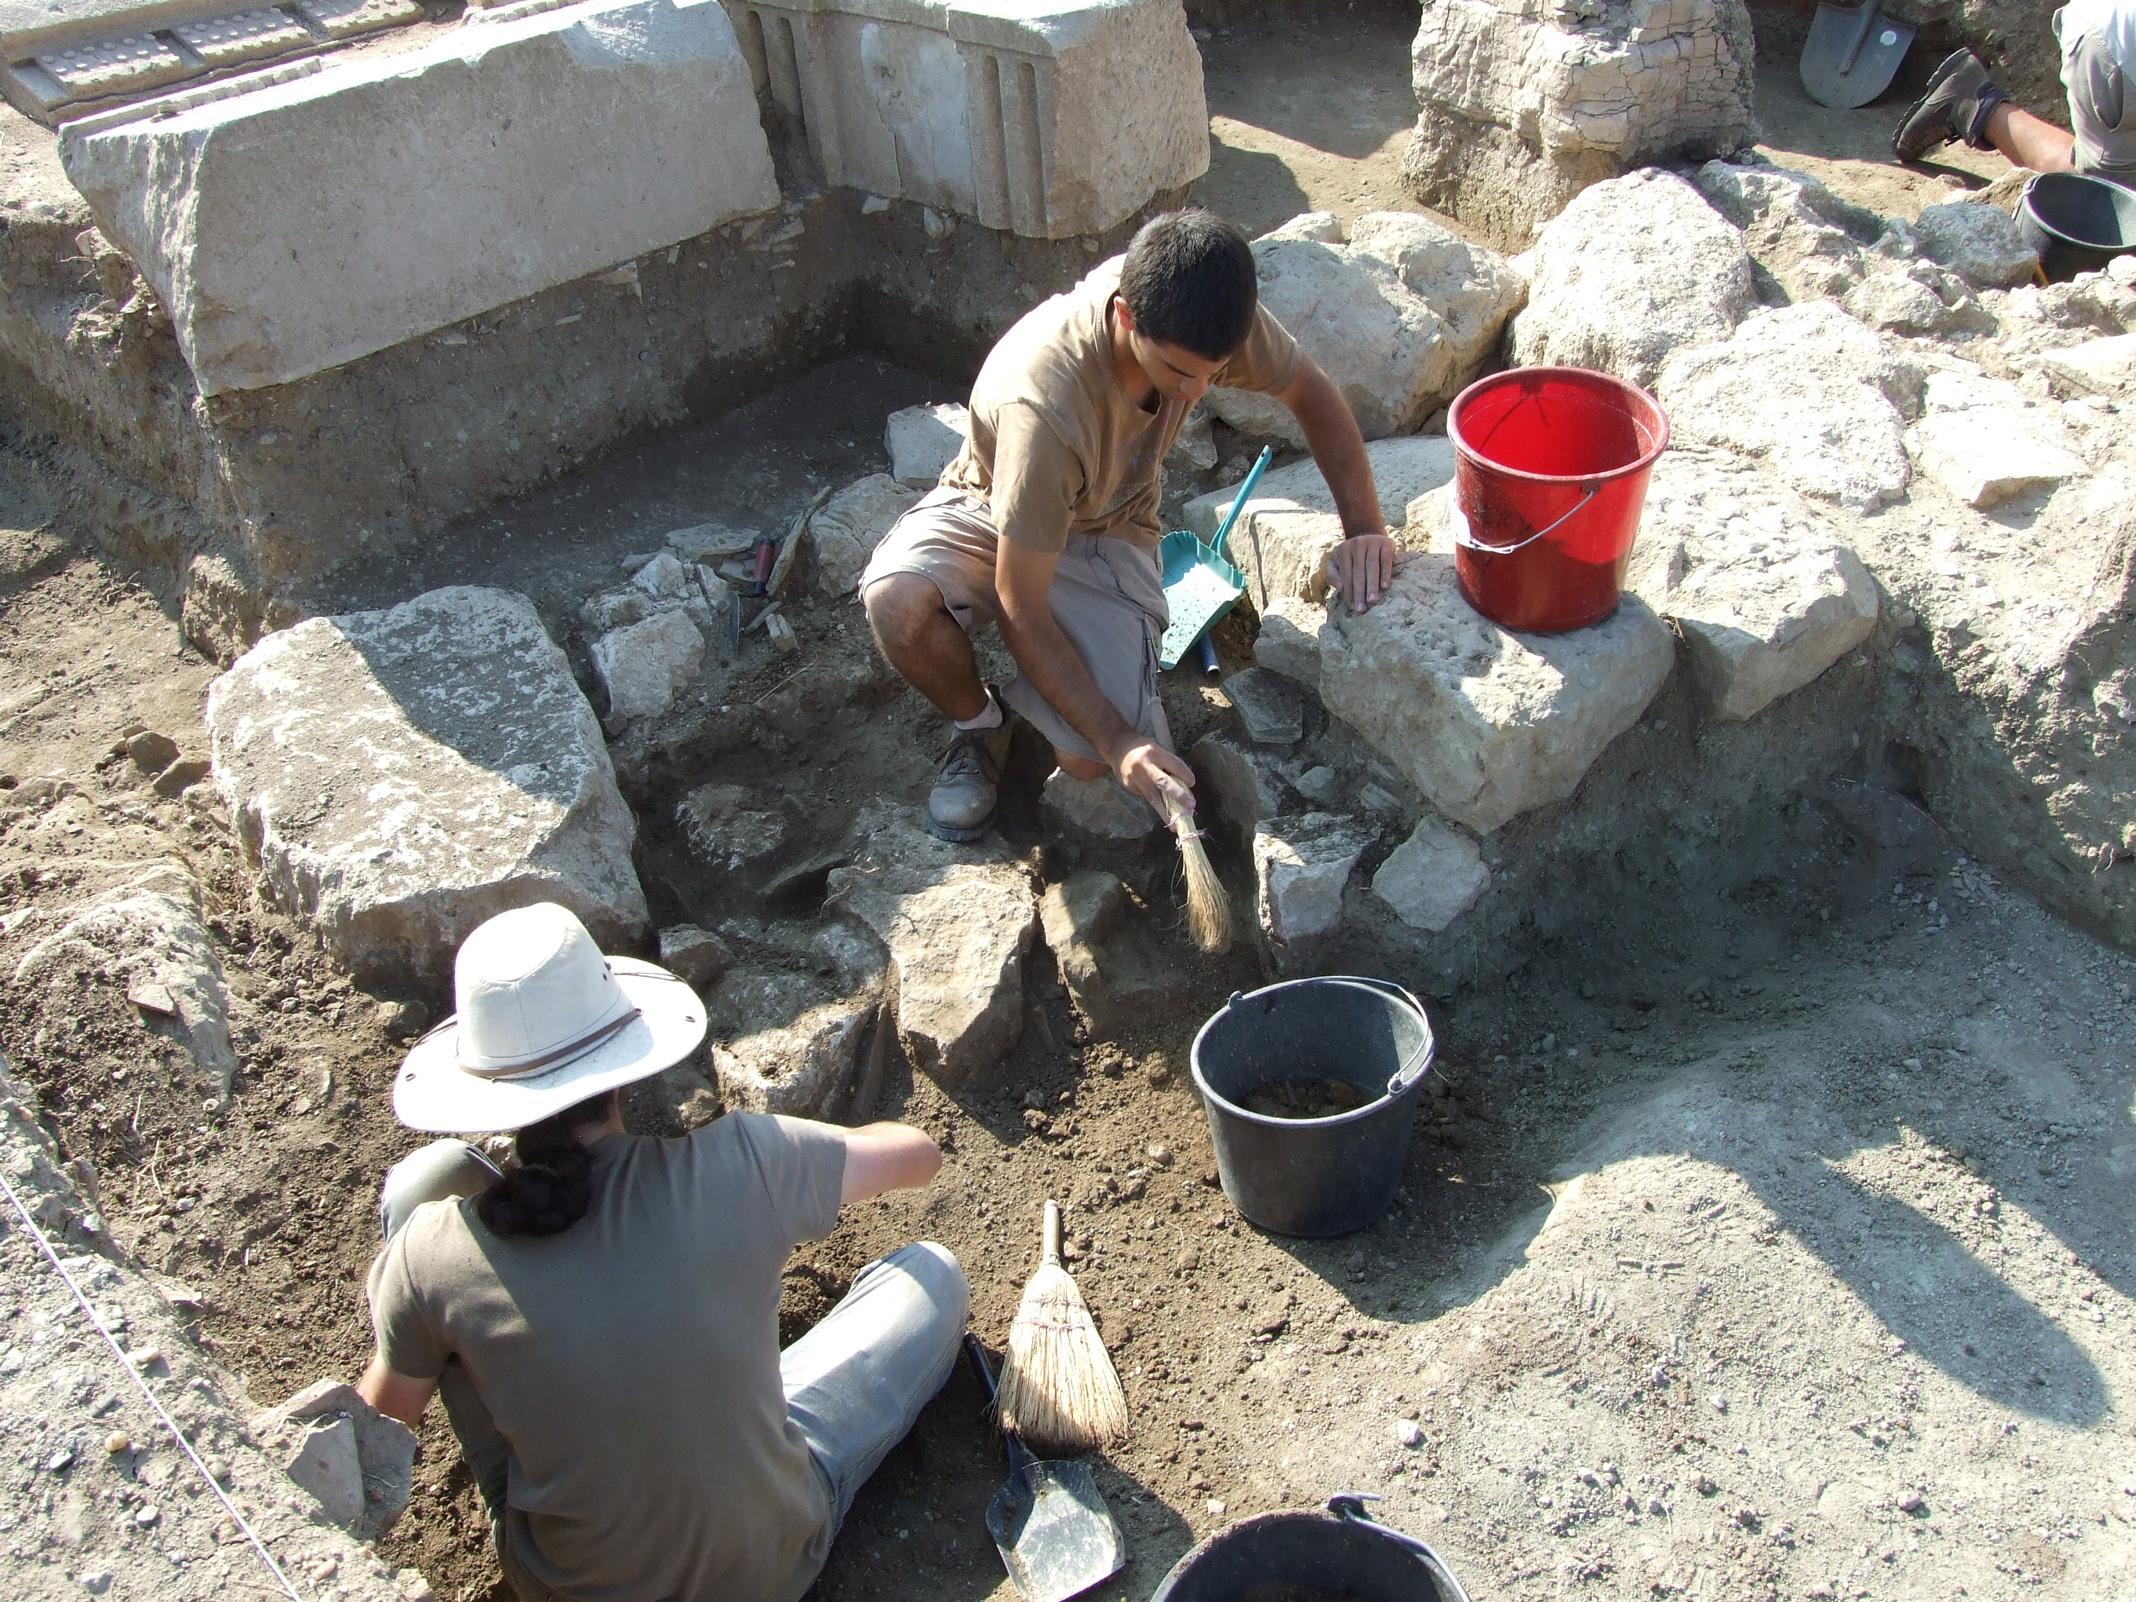 http://www.tfahr.org/images/2010FAlb021.jpg